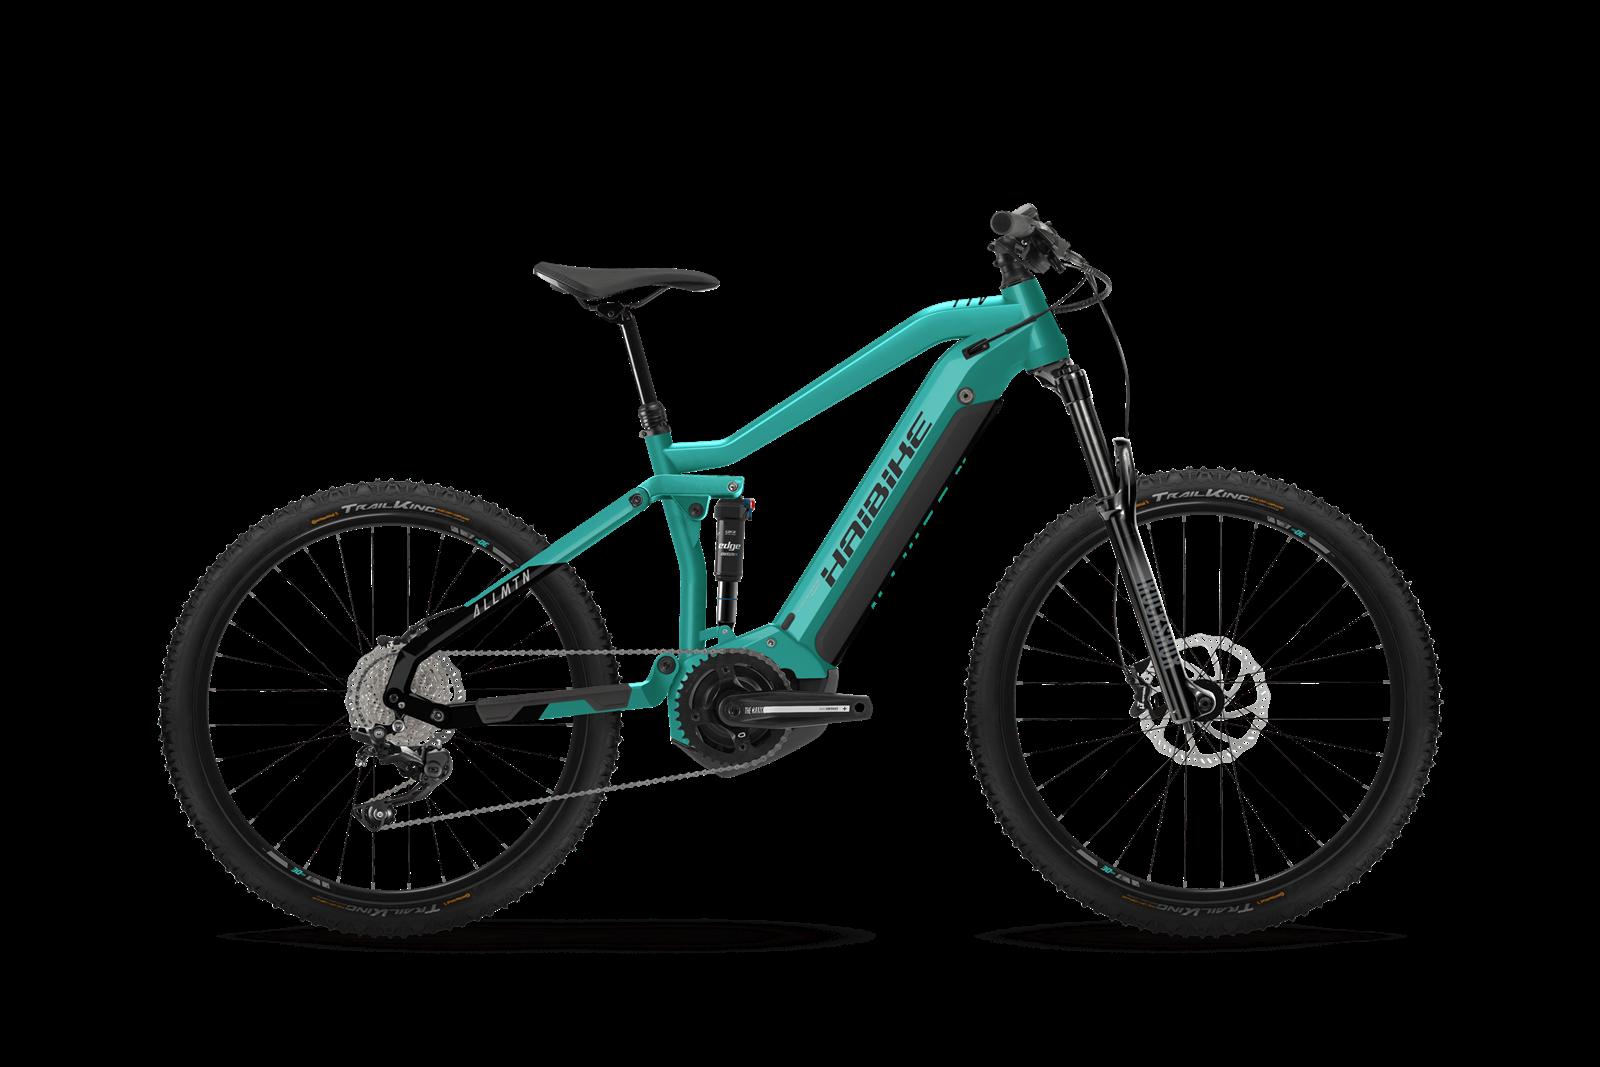 """HAIBIKE AllMtn 1 27.5"""" MTB pedelec kerékpár - akvamarin - XL (2021)"""